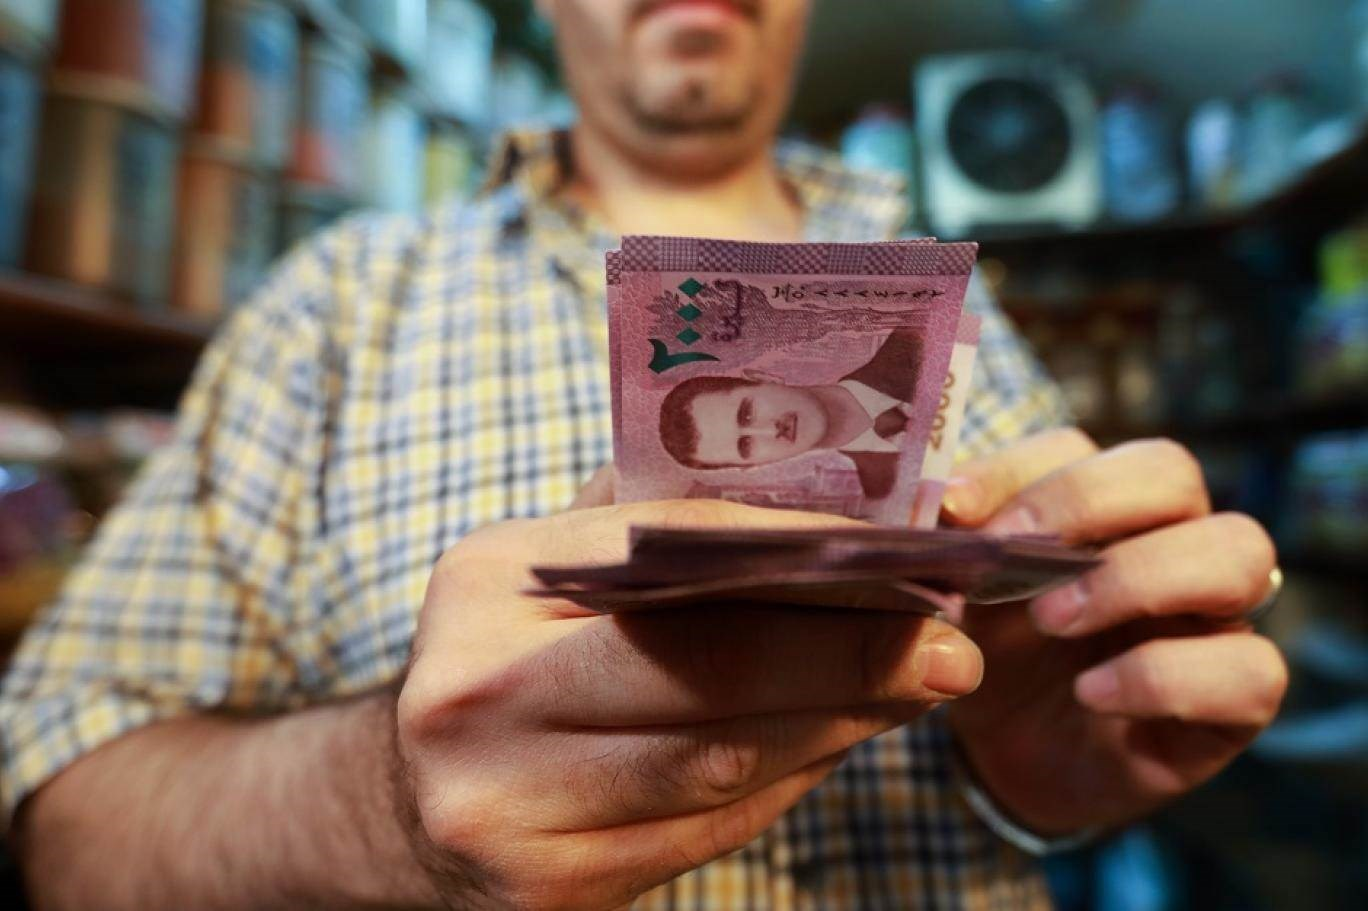 ثمة إجراءات عاجلة للحدّ من الضغوط على العملة السورية بدأت بتكثيف الحملات على المتلاعبين بسعر الصرف